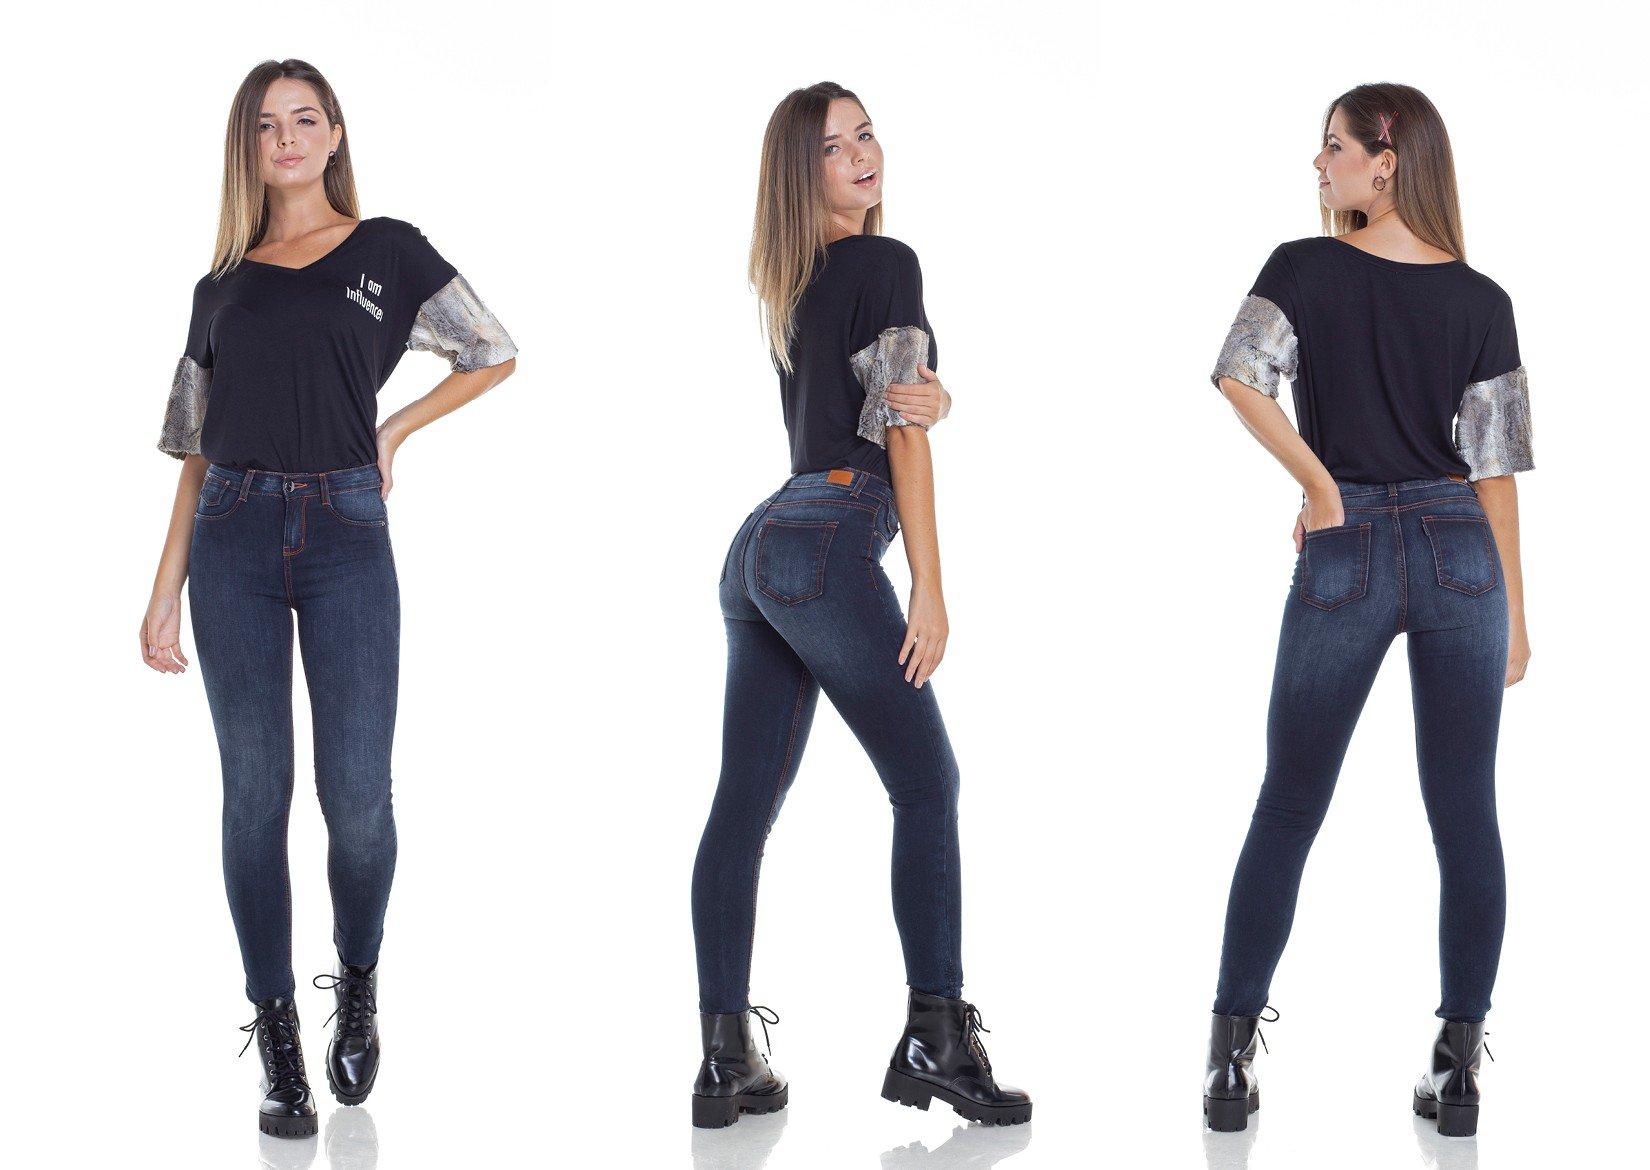 dz2930 calca jeans skinny media escura com linhas contrastantes tripla denim zero